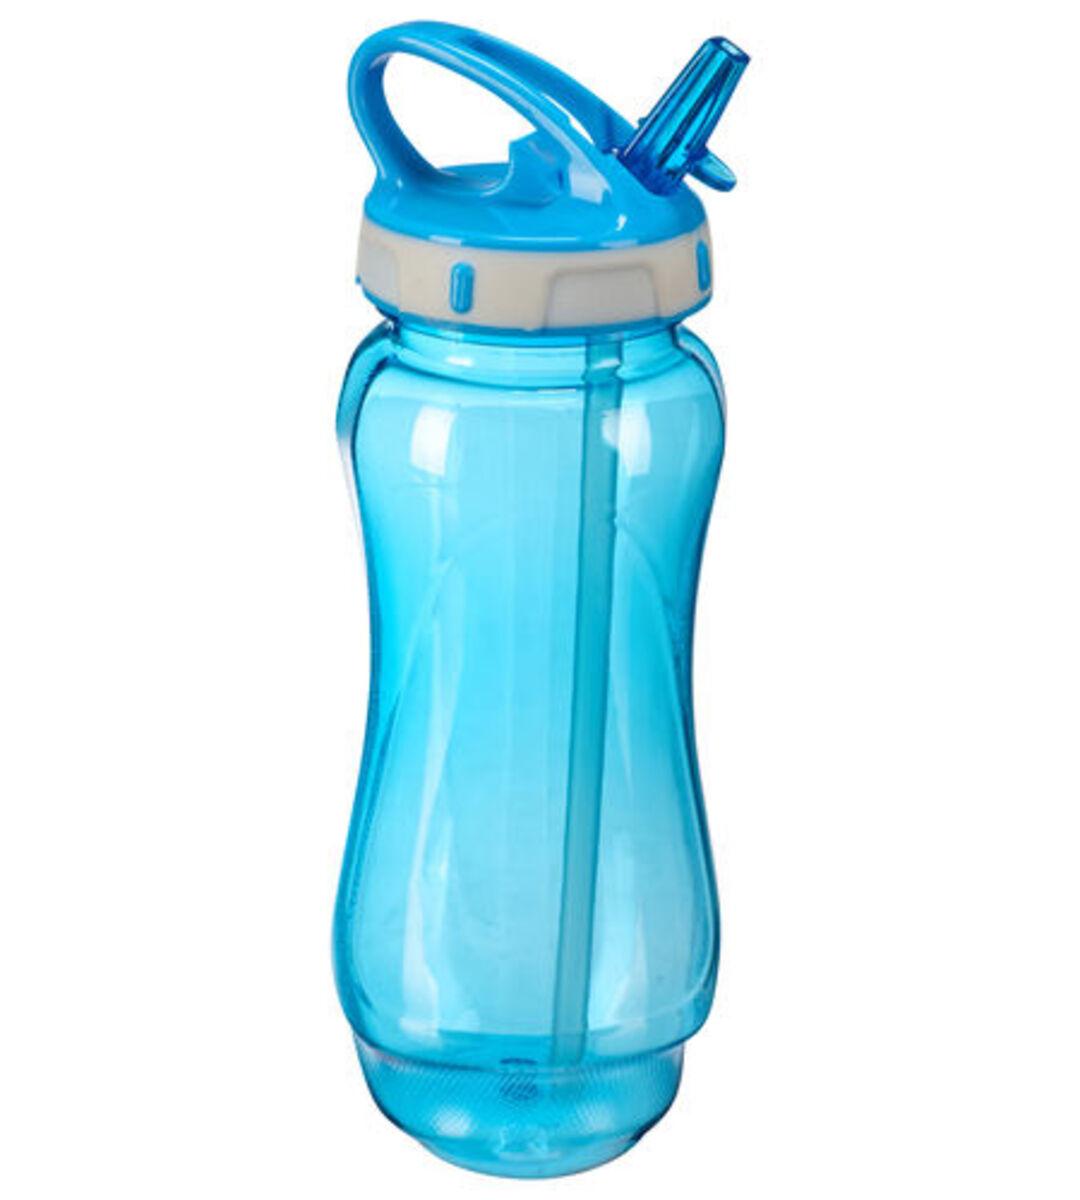 Bild 3 von Sport-Trinkflasche